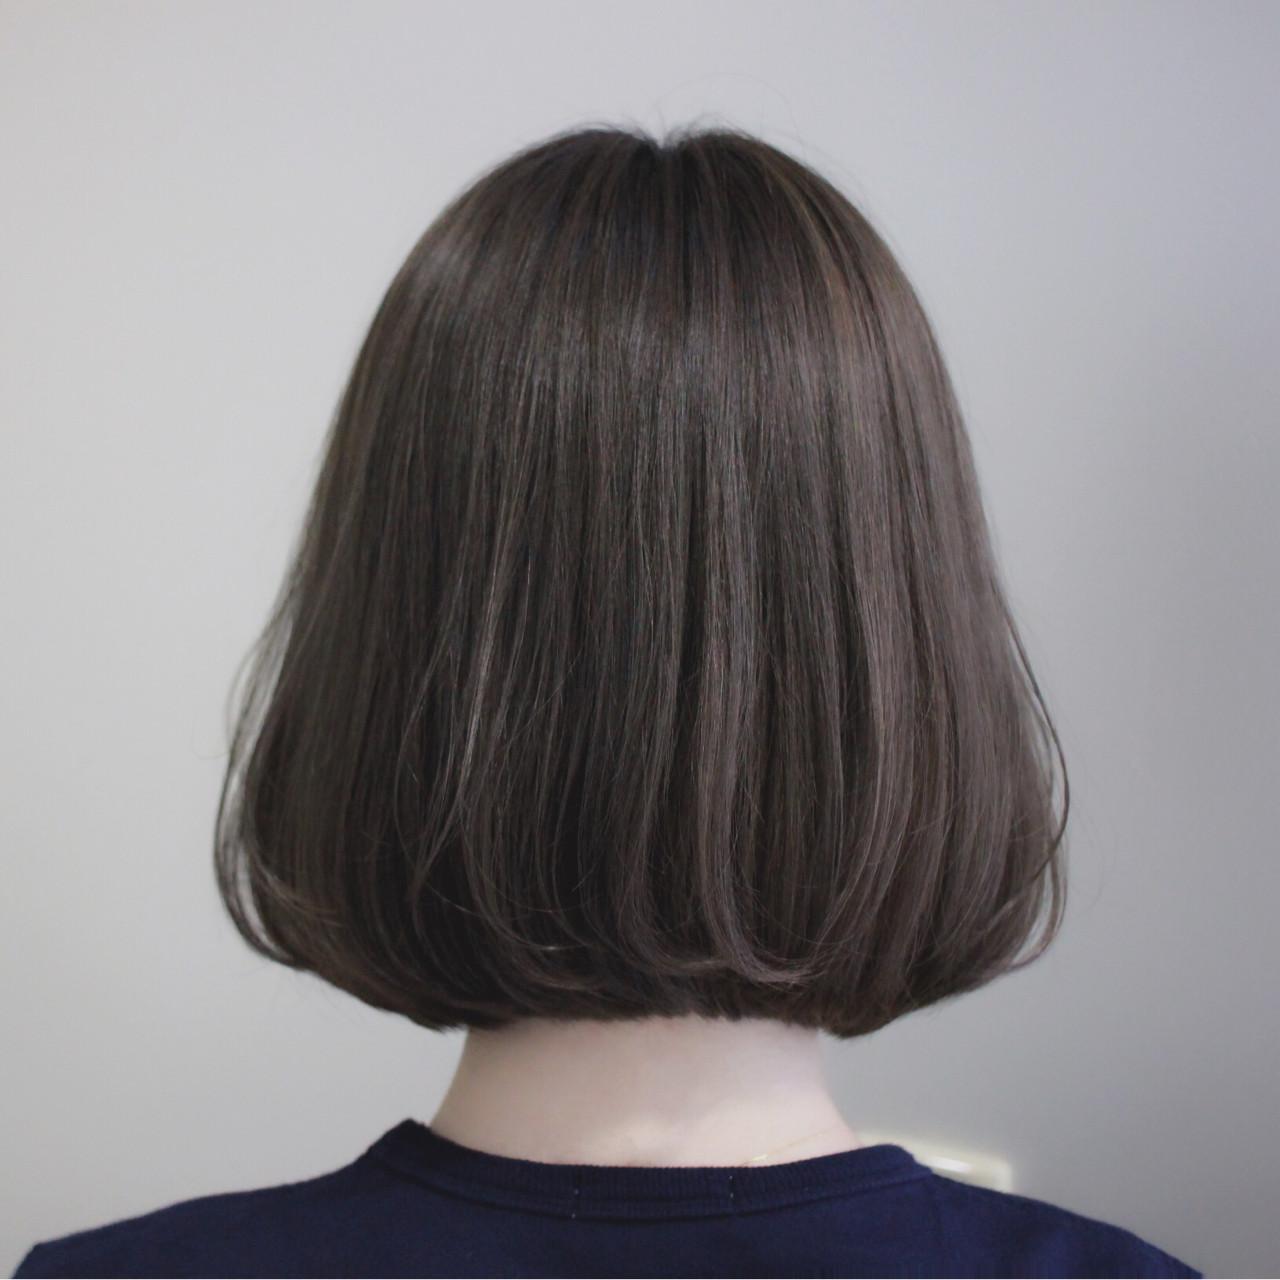 ボブ 切りっぱなし ナチュラル グレージュヘアスタイルや髪型の写真・画像